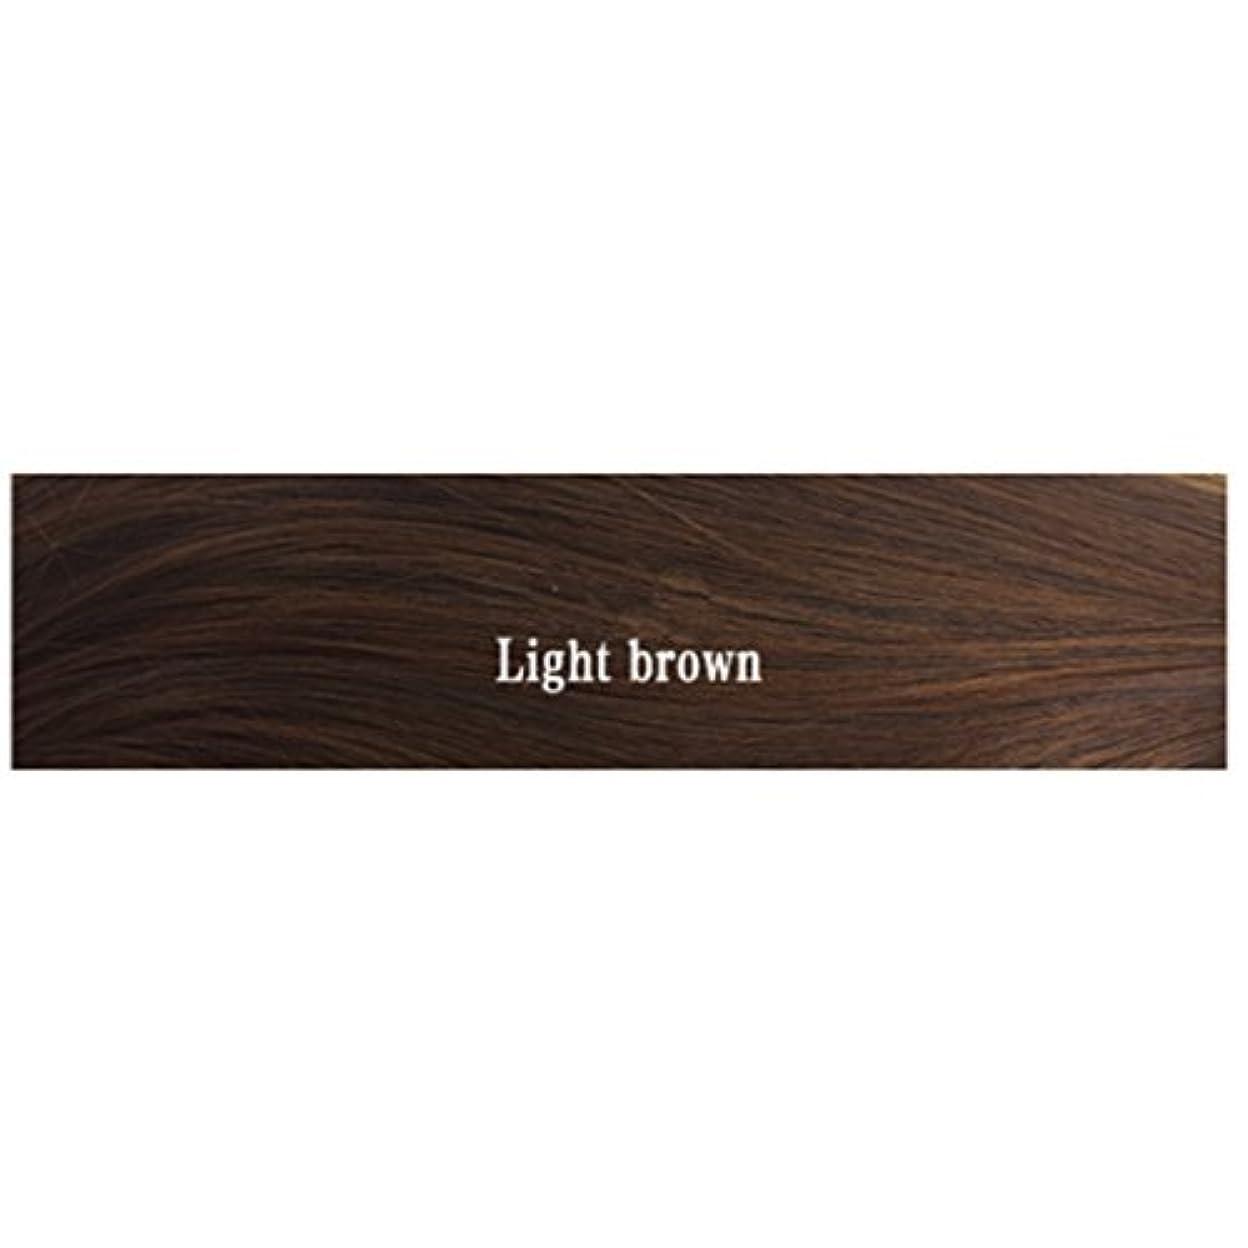 上げるかる樹木JIANFU 女性 耐熱 長い ストレート ウィッグ 人間の髪 フラット バンズ ウィッグ ナチュラル カラー パーティ 220g (Color : Light brown)